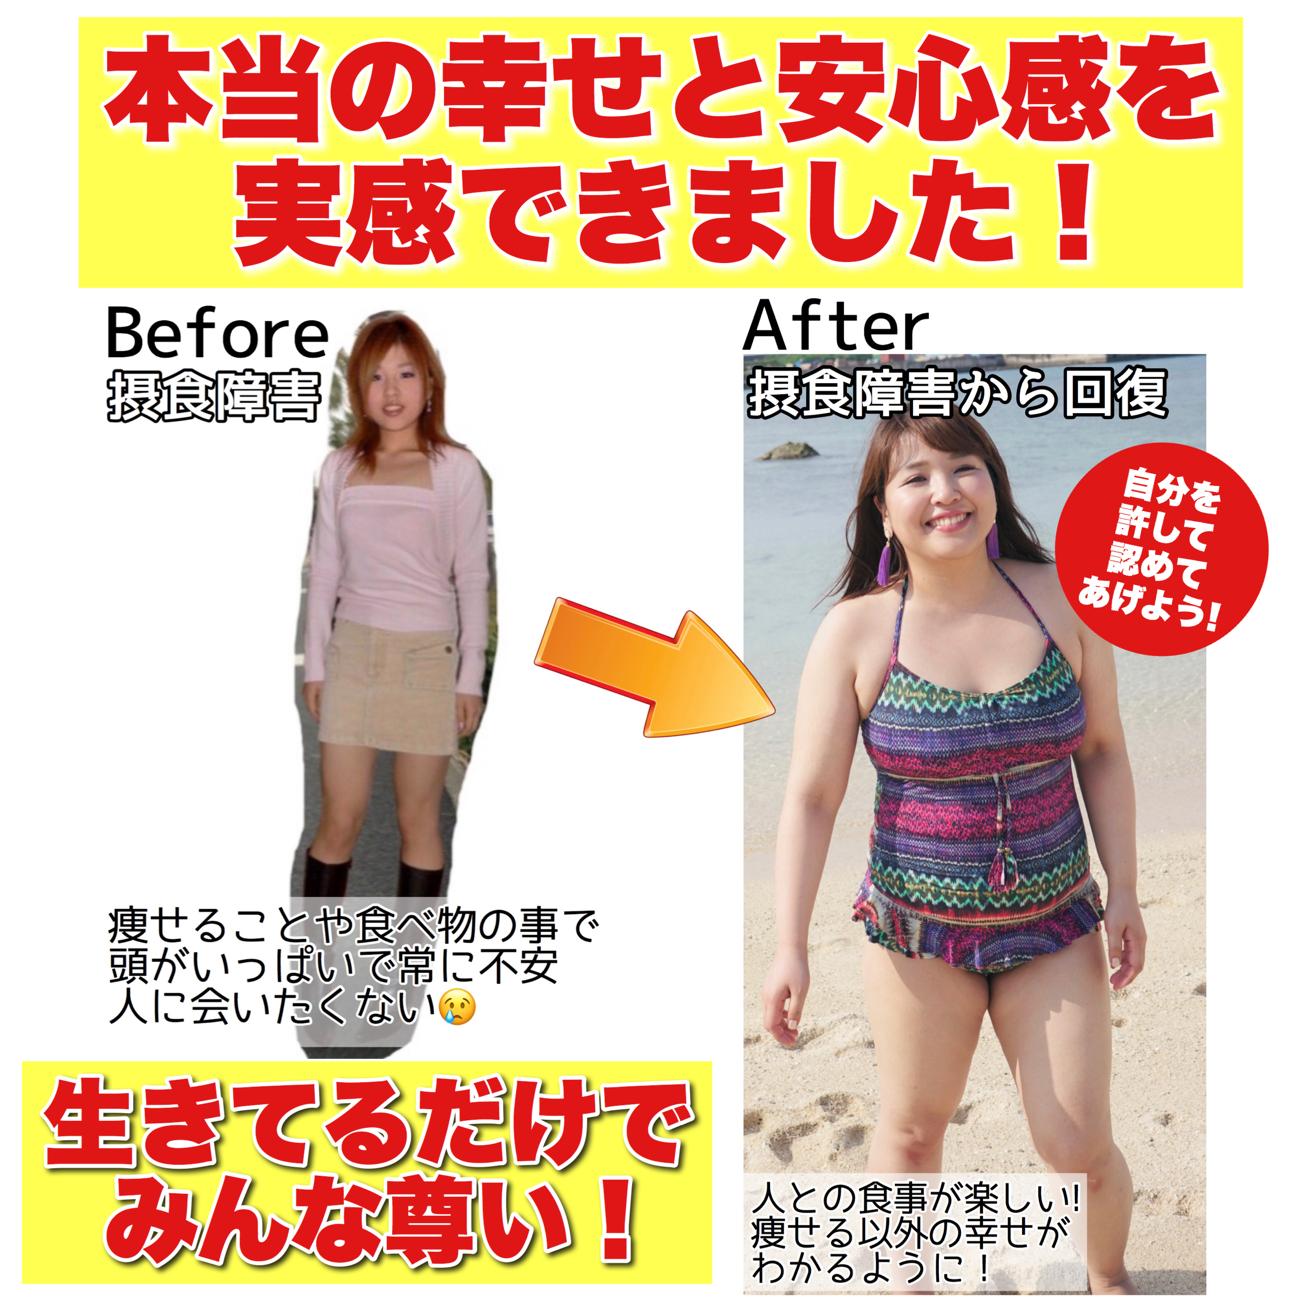 広告画像1